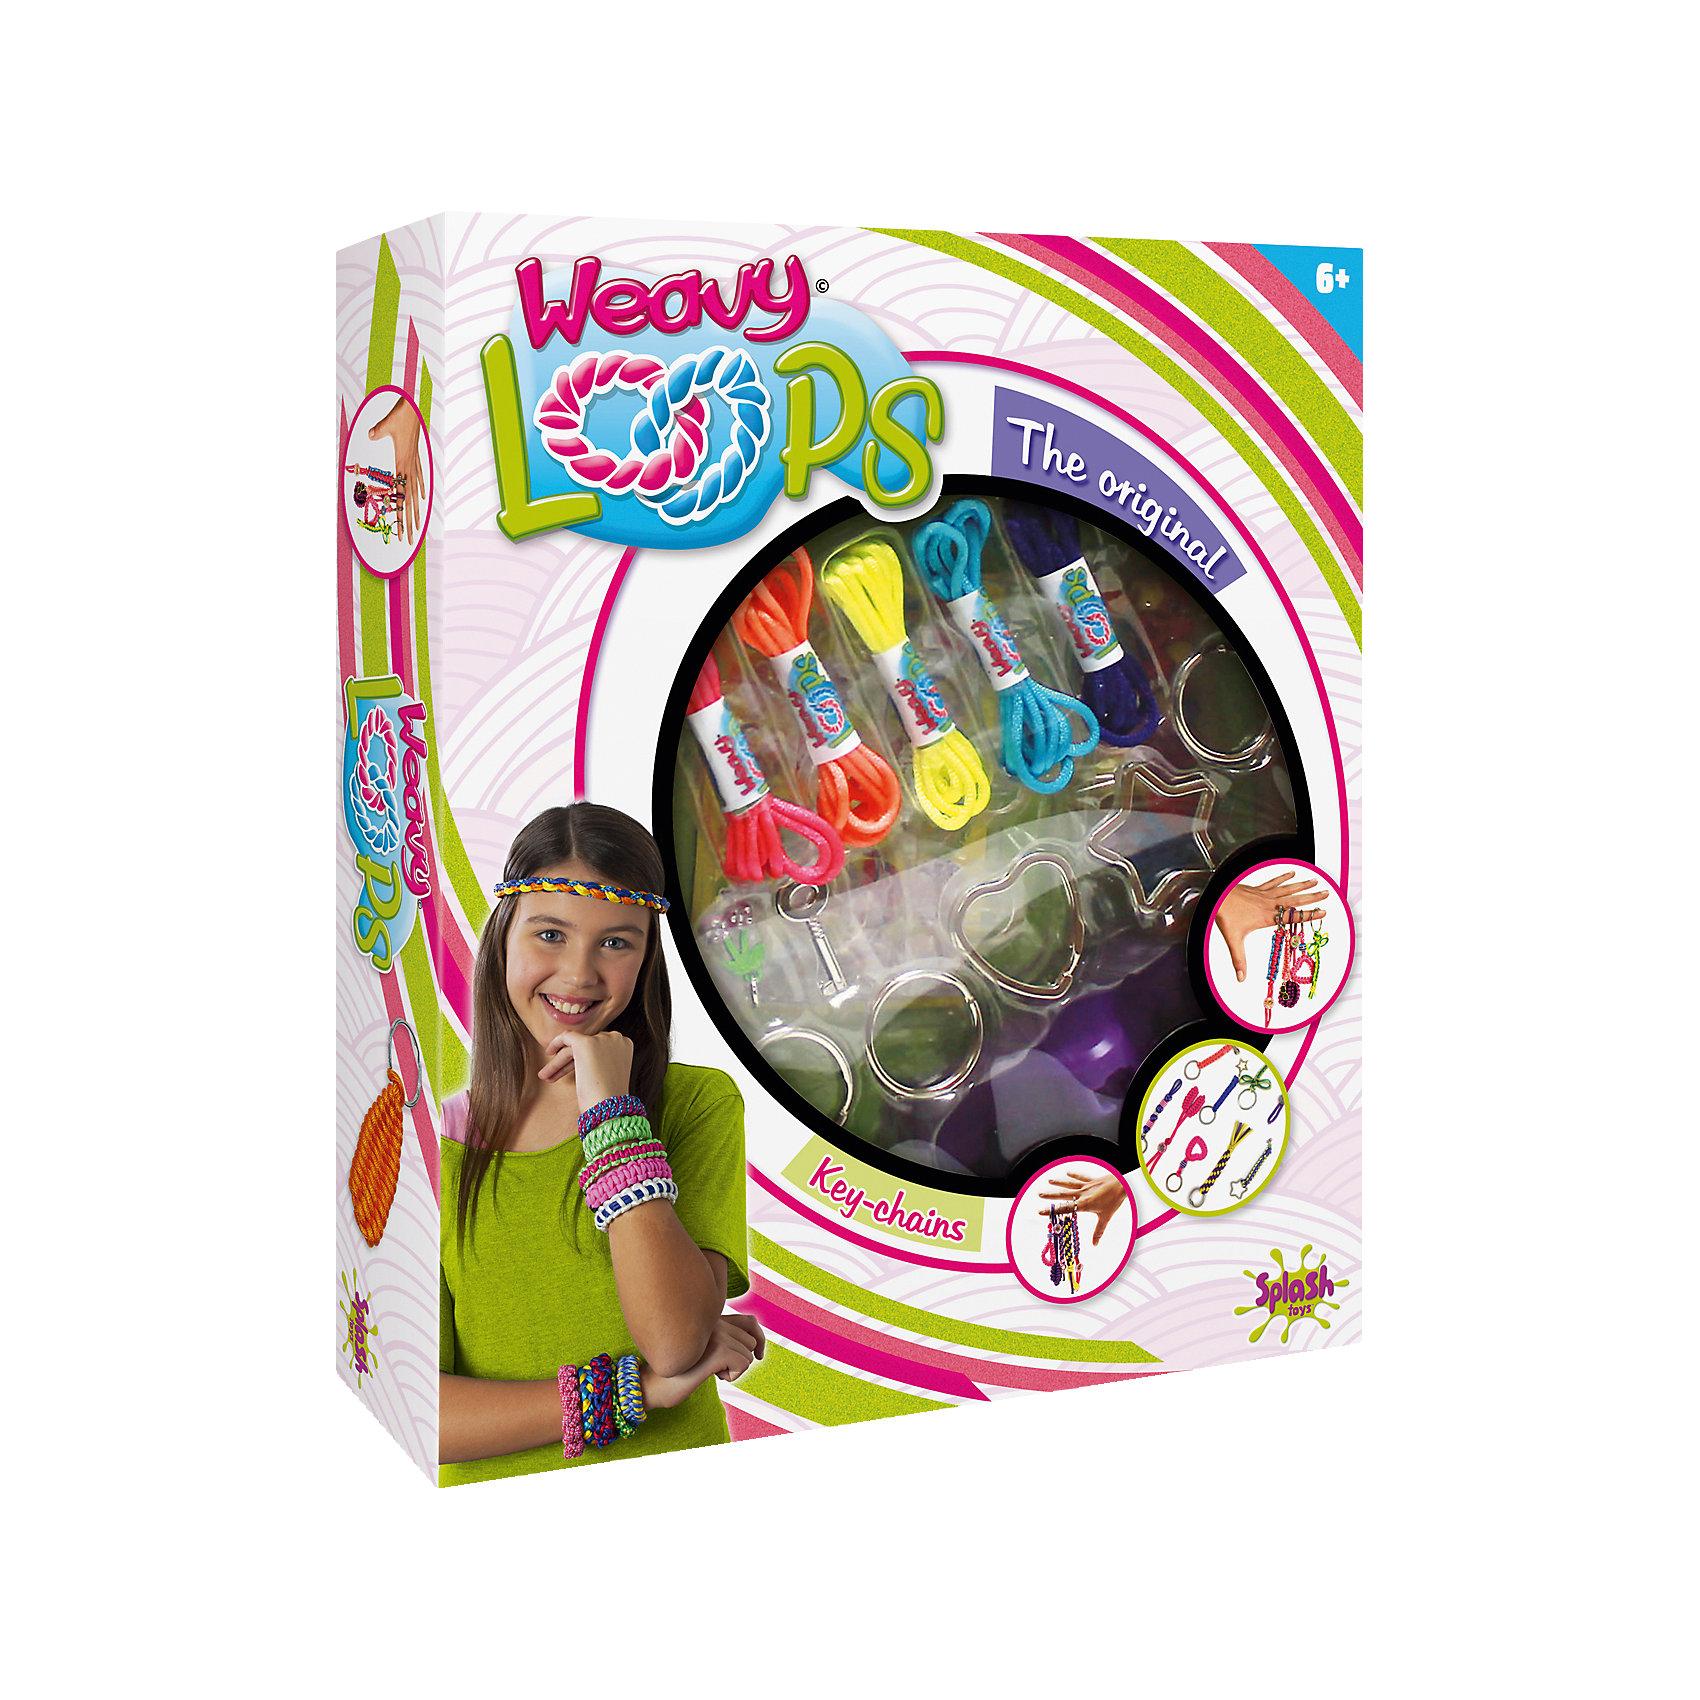 Набор для создания брелков, Weavy LoopsРукоделие<br>Набор для создания брелков, Weavy Loops - увлекательный набор для творчества, который позволит юной рукодельнице создавать стильные модные украшения для себя и своих друзей. В комплекте Вы найдете все необходимые для изготовления ярких и оригинальных брелков:<br>цветные шнурки разных цветов, клипсы, цветные колечки, инструмент для плетения браслетов и другие аксессуары. Несложная, доступная даже новичкам техника плетения позволят Вам быстро освоить новый вид творчества и порадоваться первым успехам. Комплект оформлен в<br>яркую подарочную коробочку. Развивает творческие и художественные способности, фантазию, усидчивость, мелкую моторику.<br><br> Дополнительная информация:<br><br>- В комплекте: 1 инструмент для плетения брелков, 5 цветных шнурков, 5 петель, 12 клипс, цветные колечки, аксессуары.<br>- Материал: пластик, текстиль.<br>- Размер упаковки: 25,9 x 21,9 x 5,1 см. <br>- Вес: 0,242 кг.<br><br>Набор для плетения брелков, Weavy Loops, можно купить в нашем интернет-магазине.<br><br>Ширина мм: 265<br>Глубина мм: 220<br>Высота мм: 60<br>Вес г: 241<br>Возраст от месяцев: 72<br>Возраст до месяцев: 144<br>Пол: Женский<br>Возраст: Детский<br>SKU: 4050213